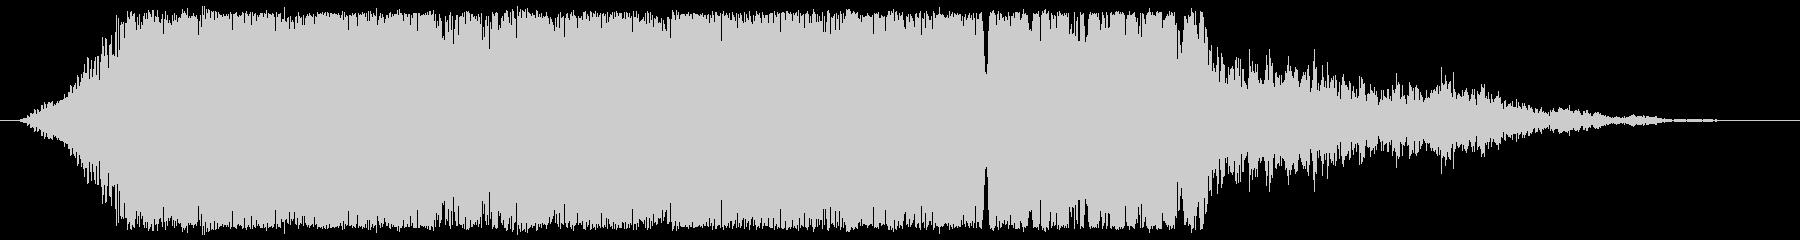 電気アークフラックス、プラズマエネ...の未再生の波形